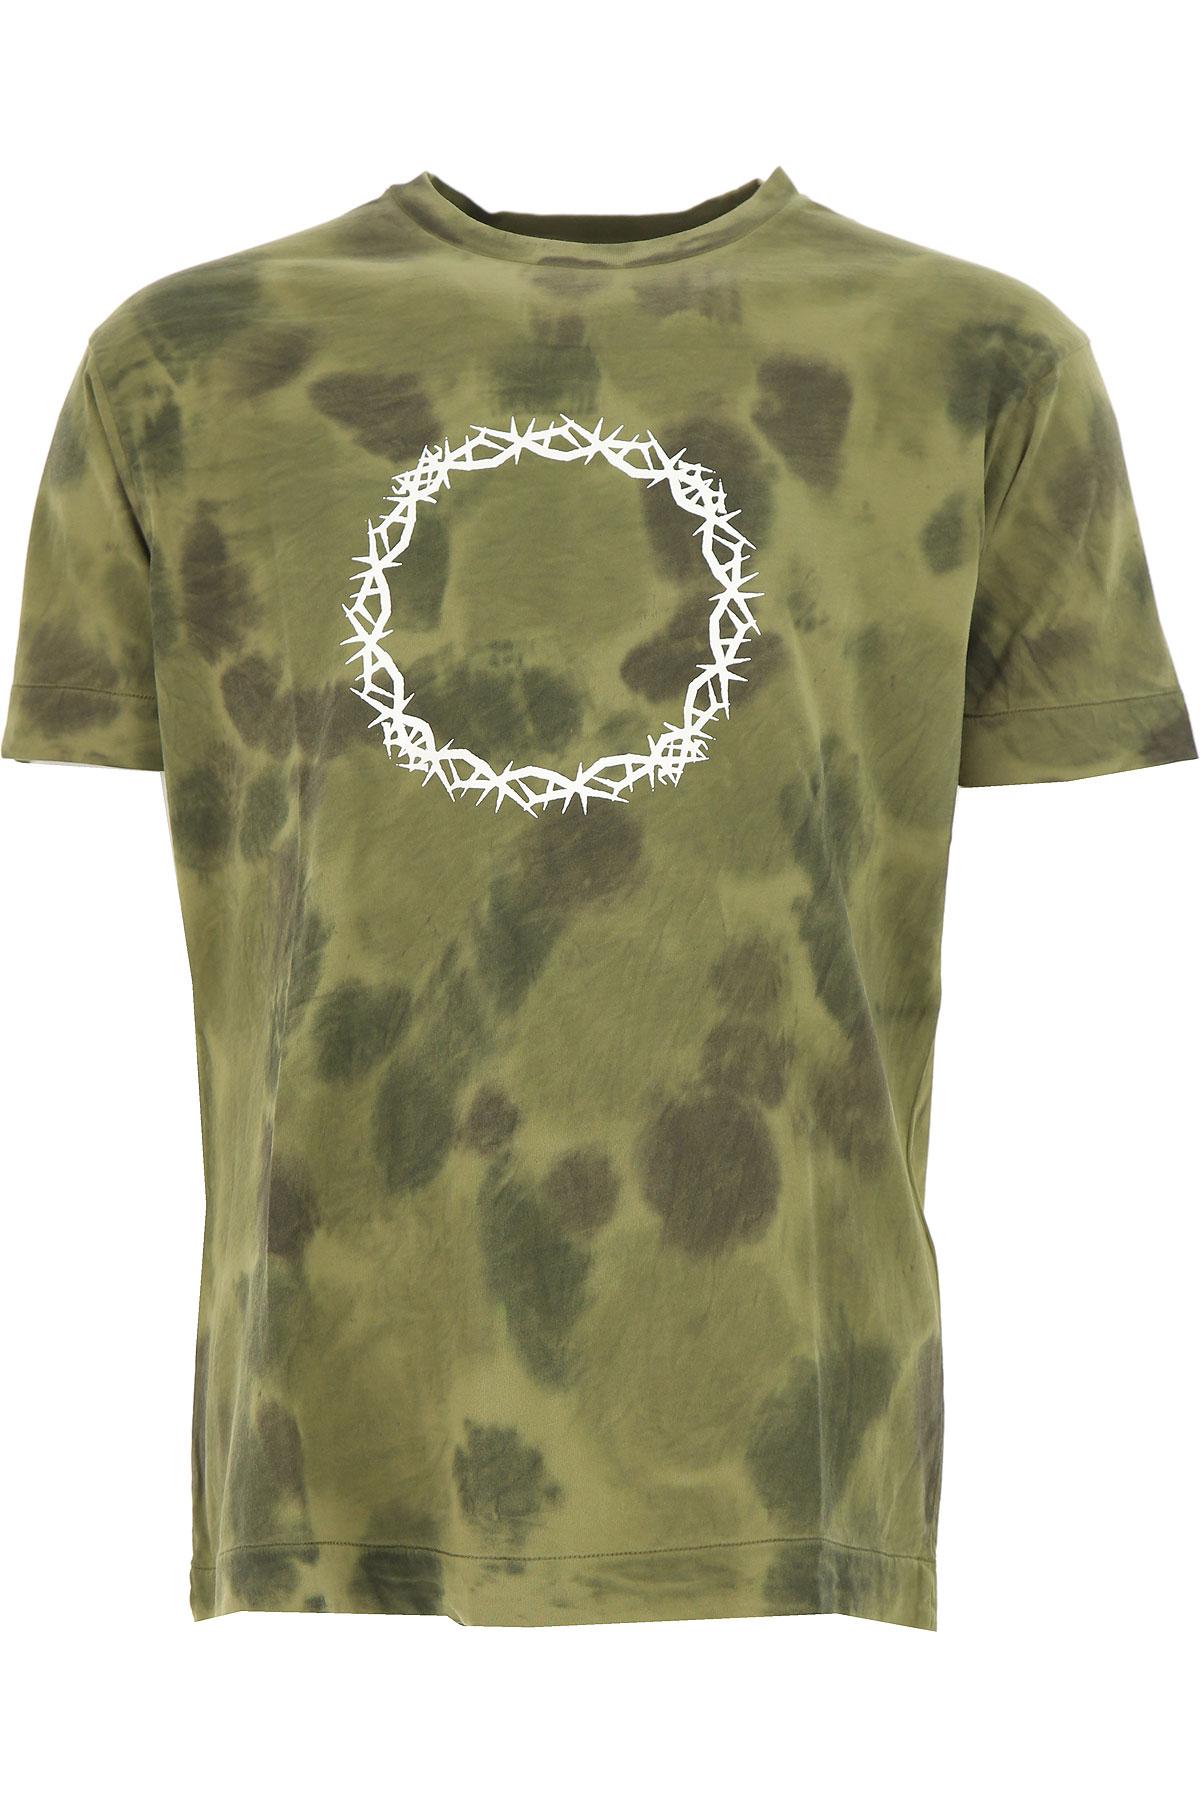 0ecf121a8630 Pas 2017 Camouflage T Homme Alyx Coton Soldes En Shirt Cher Nouveau  1nqg6WwIOn